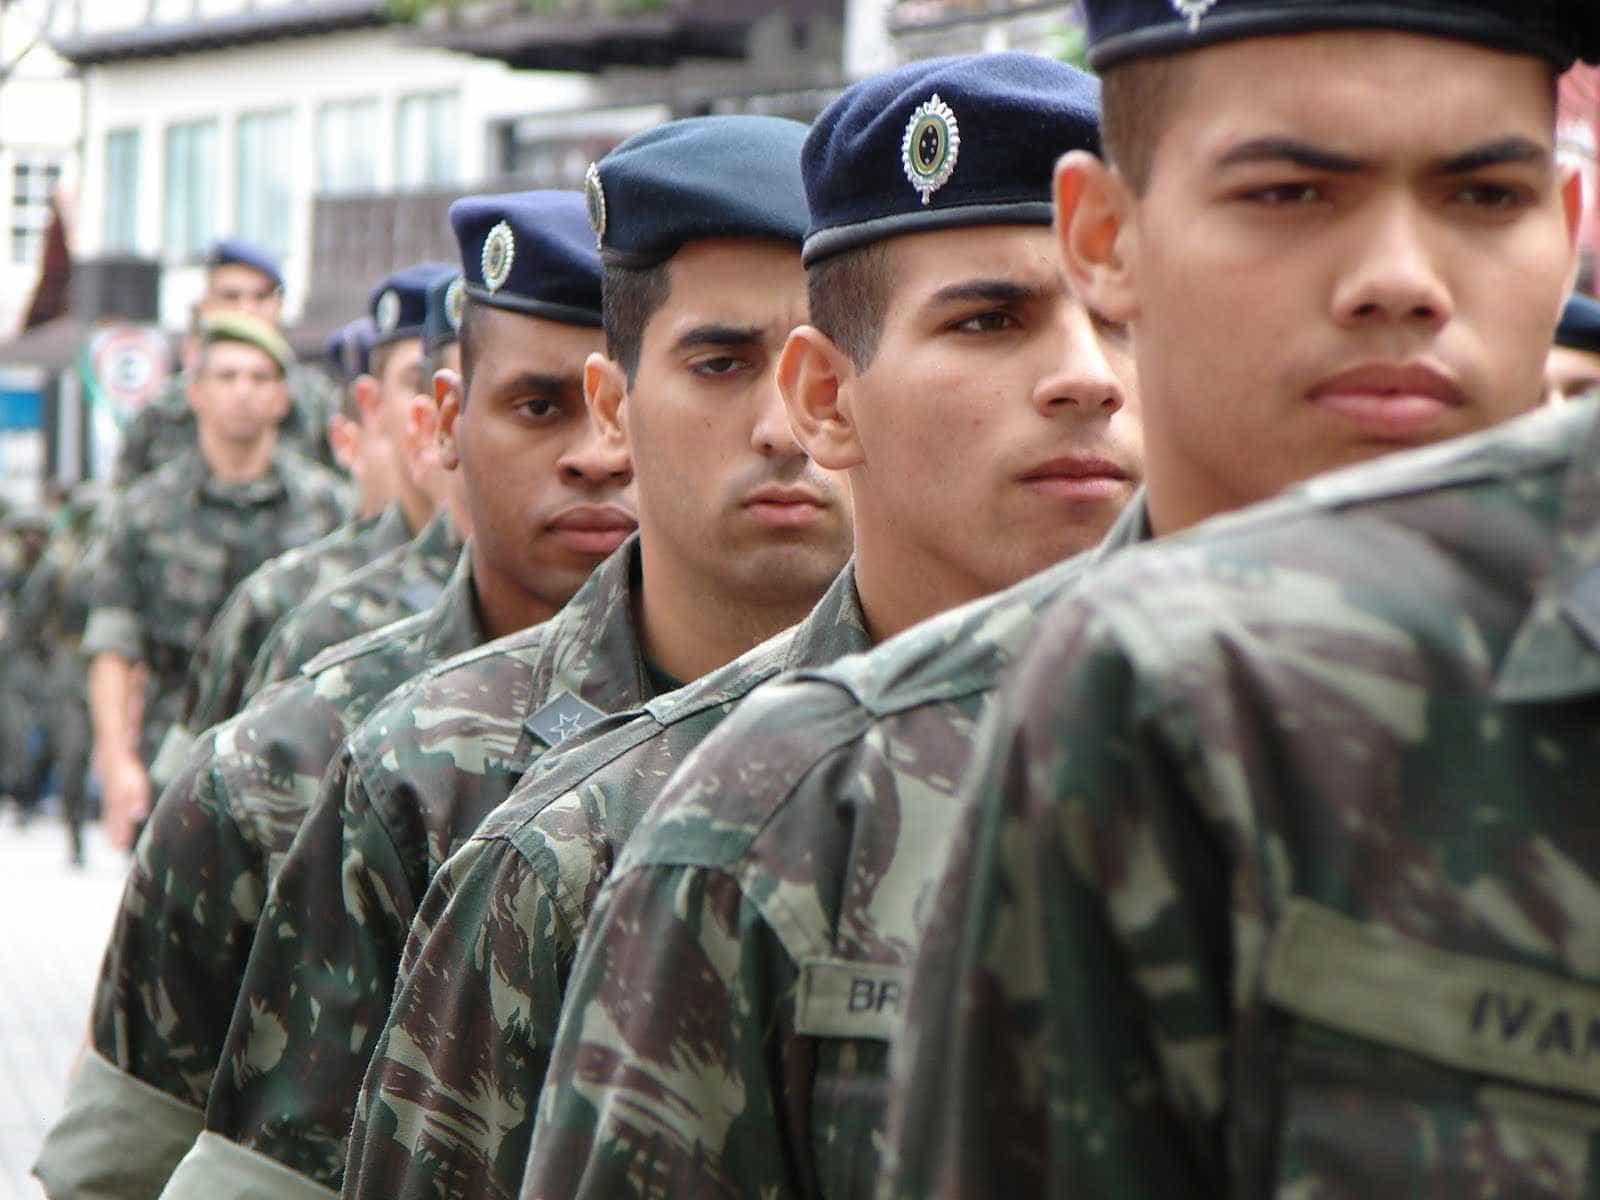 Como saber se você foi dispensado ou selecionado para o serviço militar